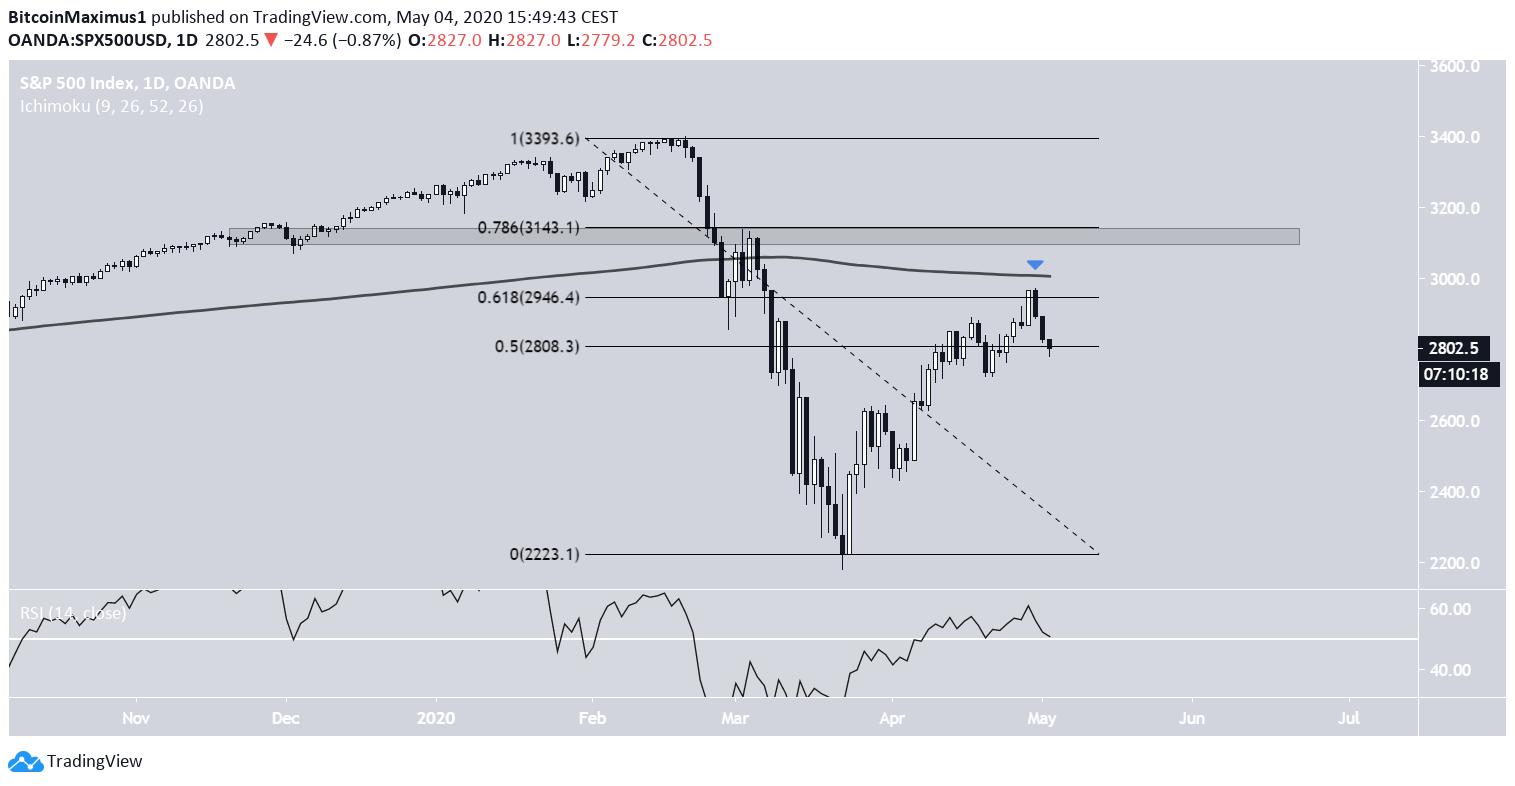 S&P 500 Fib Levels